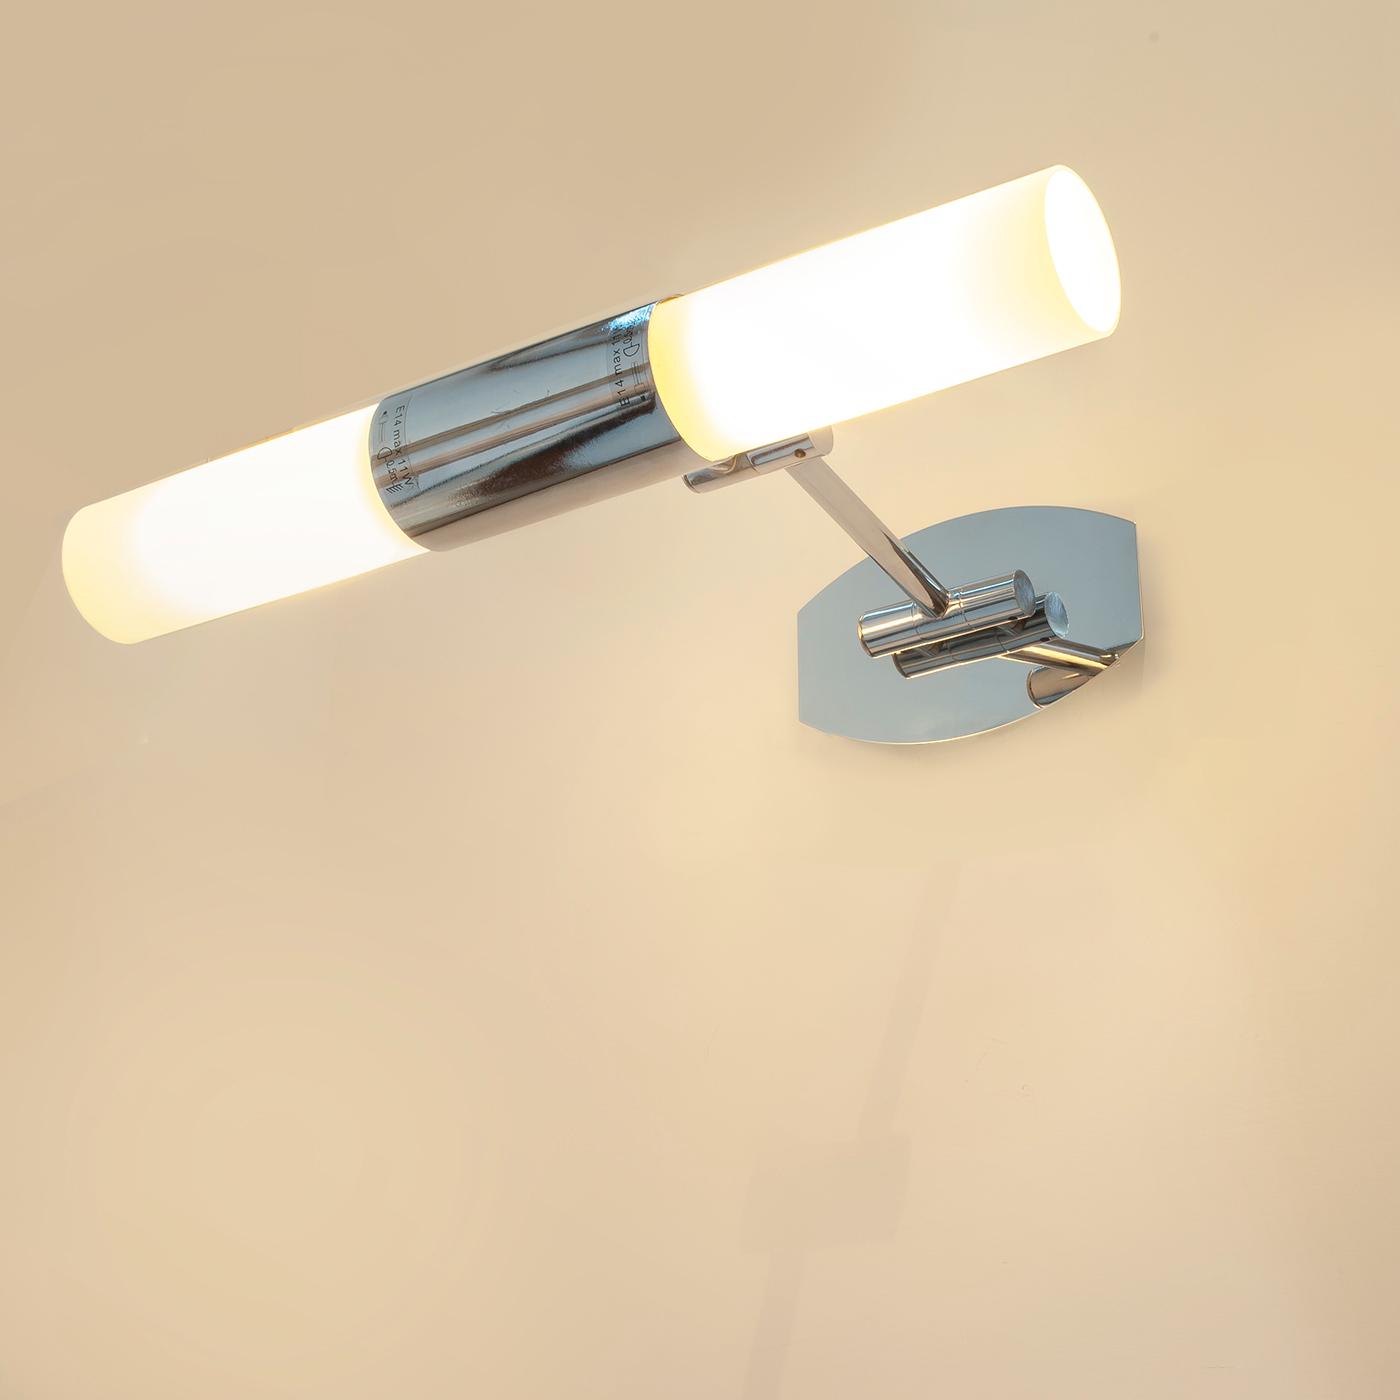 Lampada led da specchio bagno parete applique regolabile luce calda ...